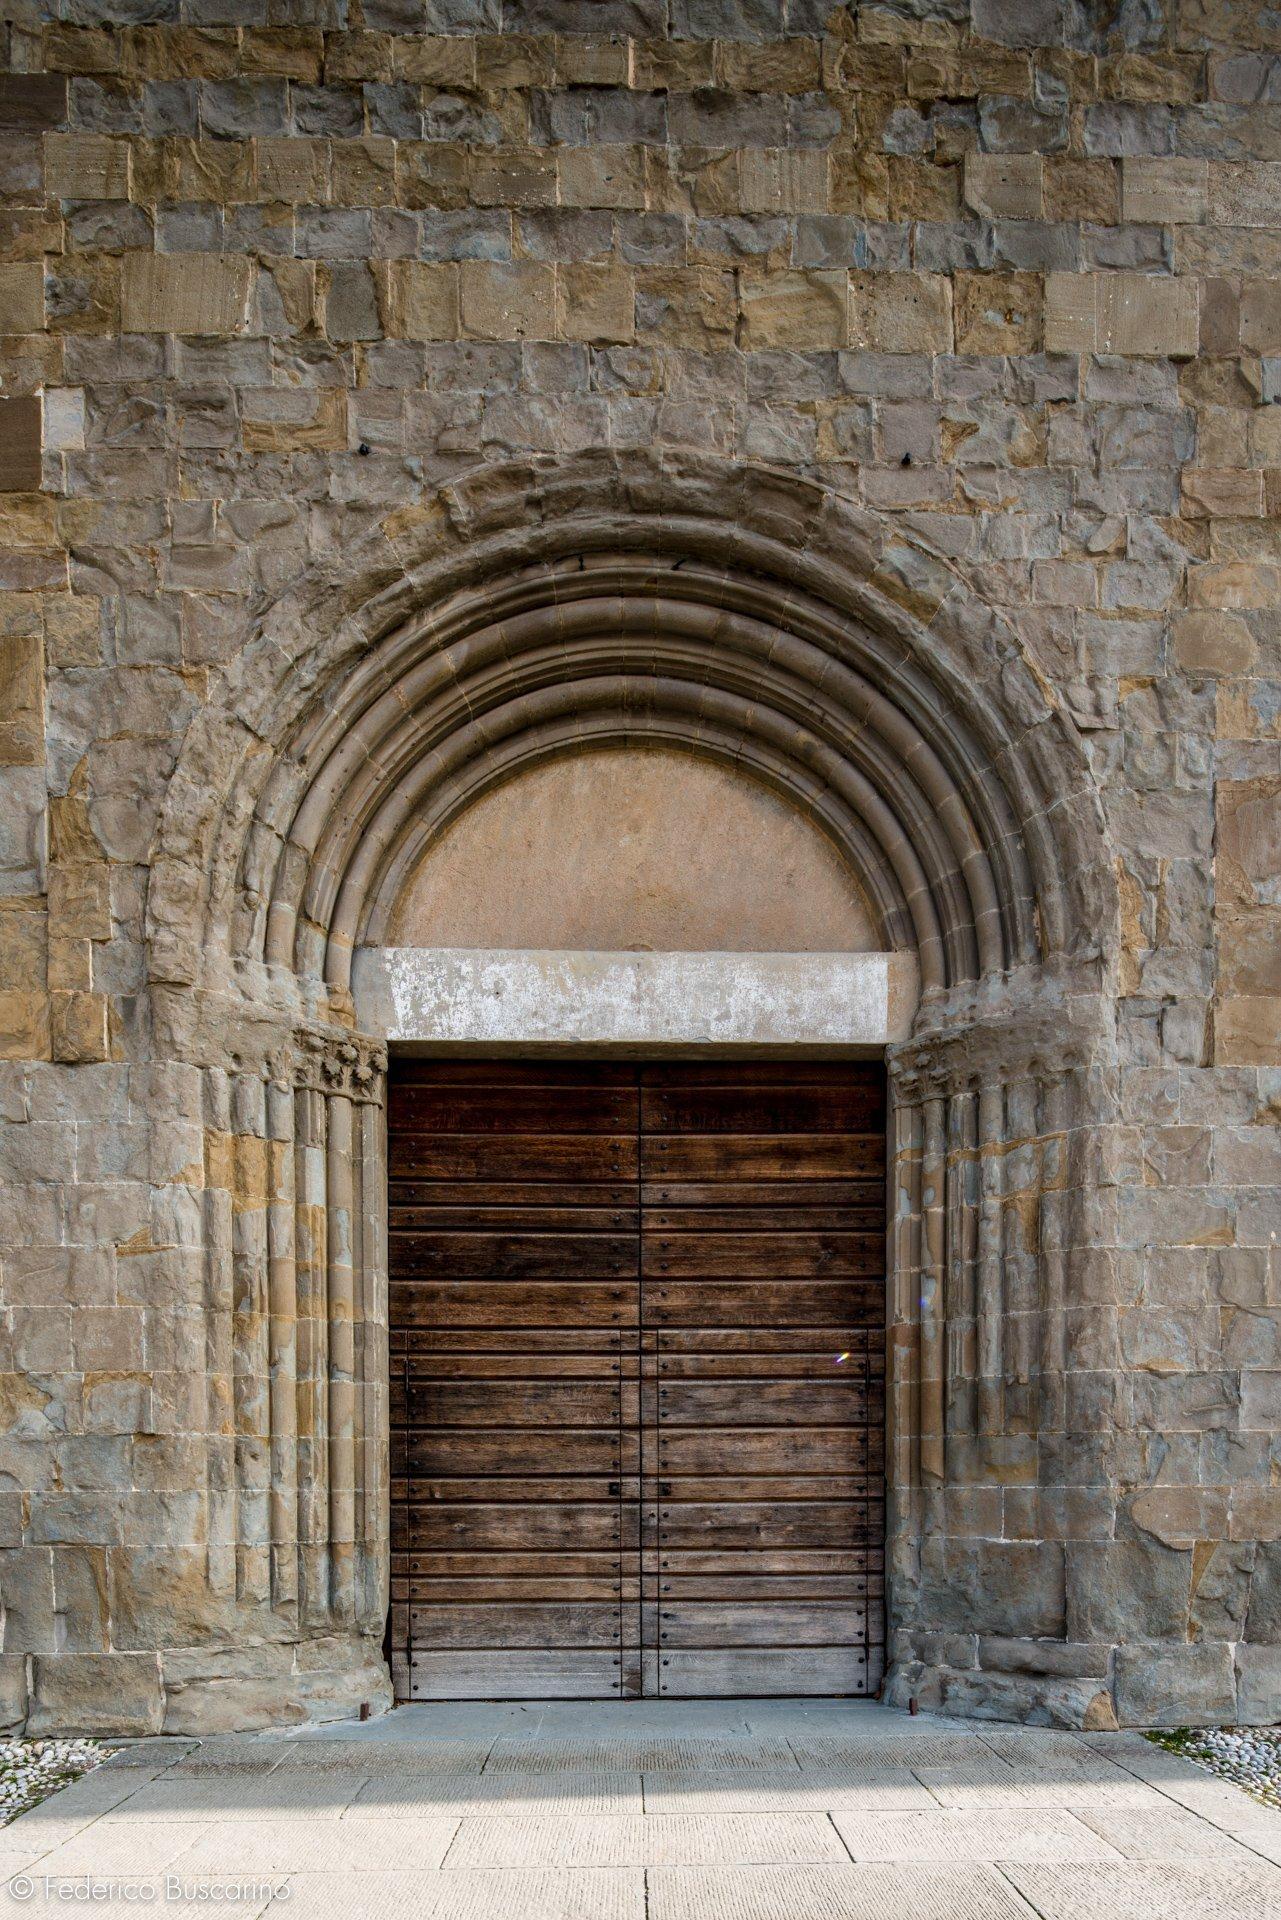 portale in legno di una chiesa